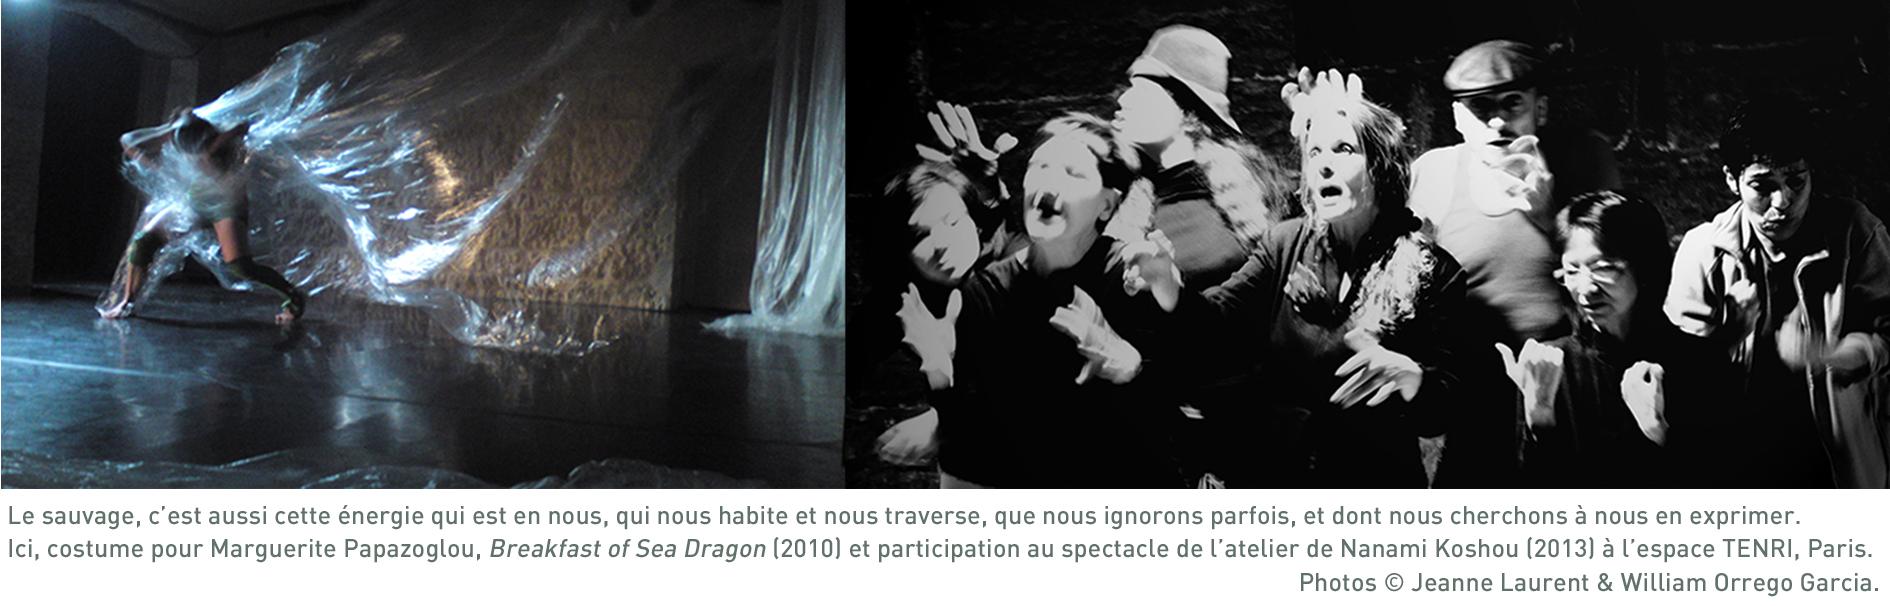 Jeanne Laurent Paris_Marguerite Papazoglou & atelier NanamiKoshou_Espace TENRI_photos J.Laurent&W.OrregaGarcia